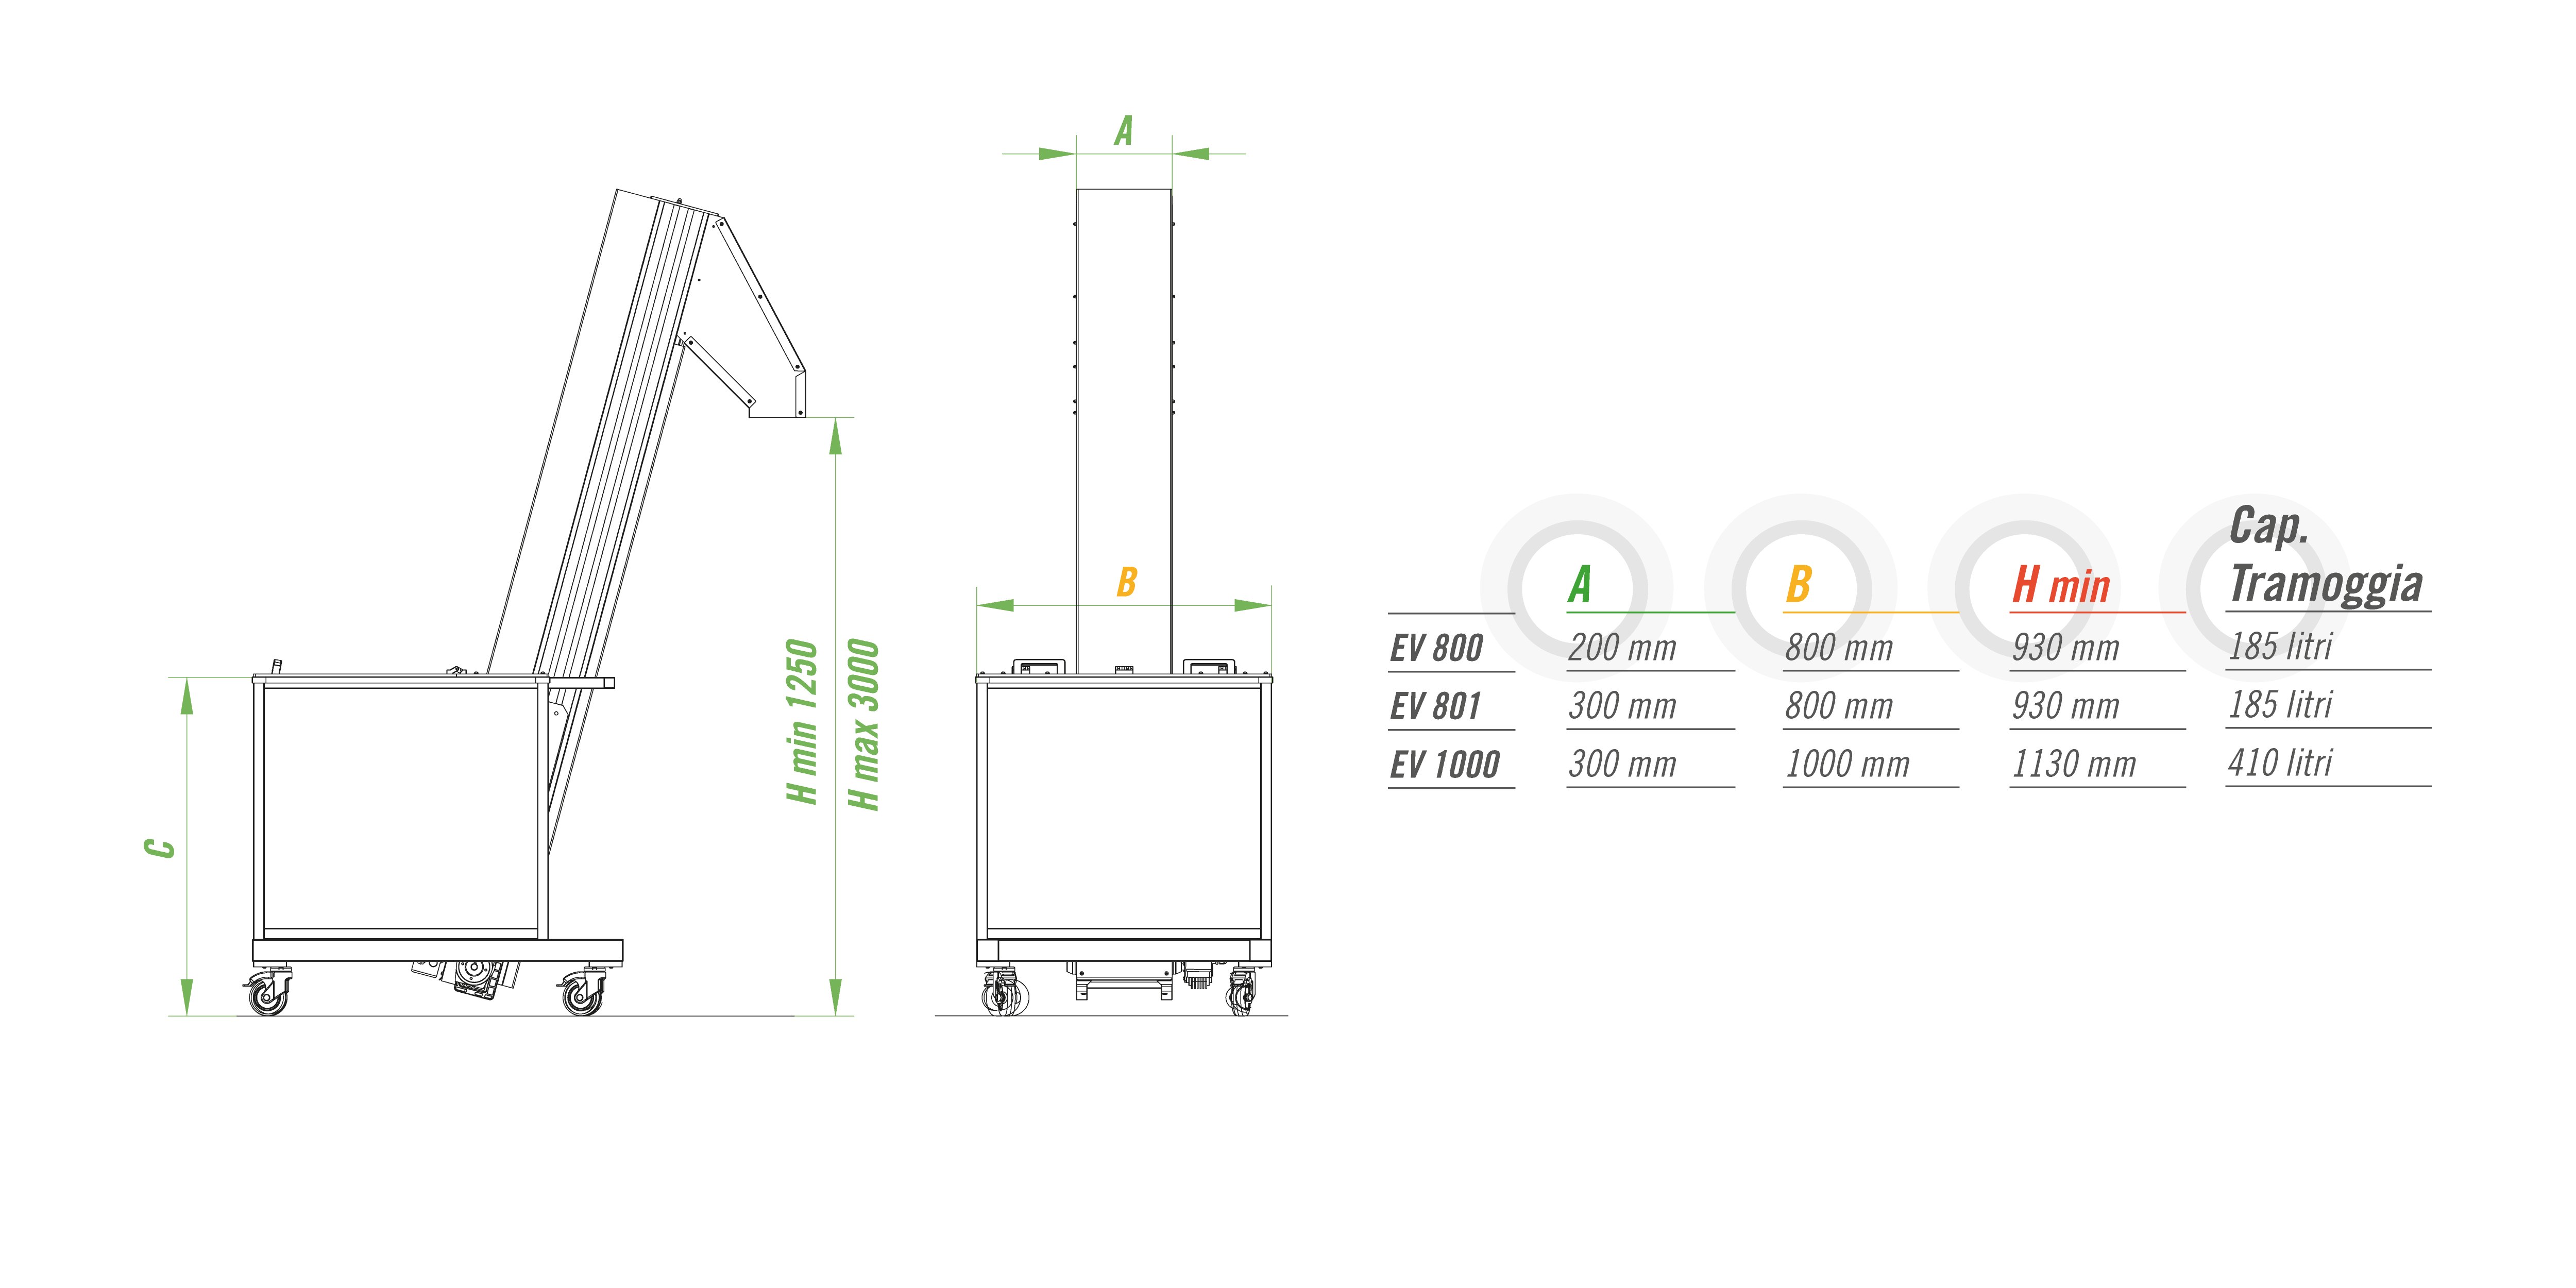 Конвейер (элеватор) Mb Conveyors серии EV 800 - EV 1000